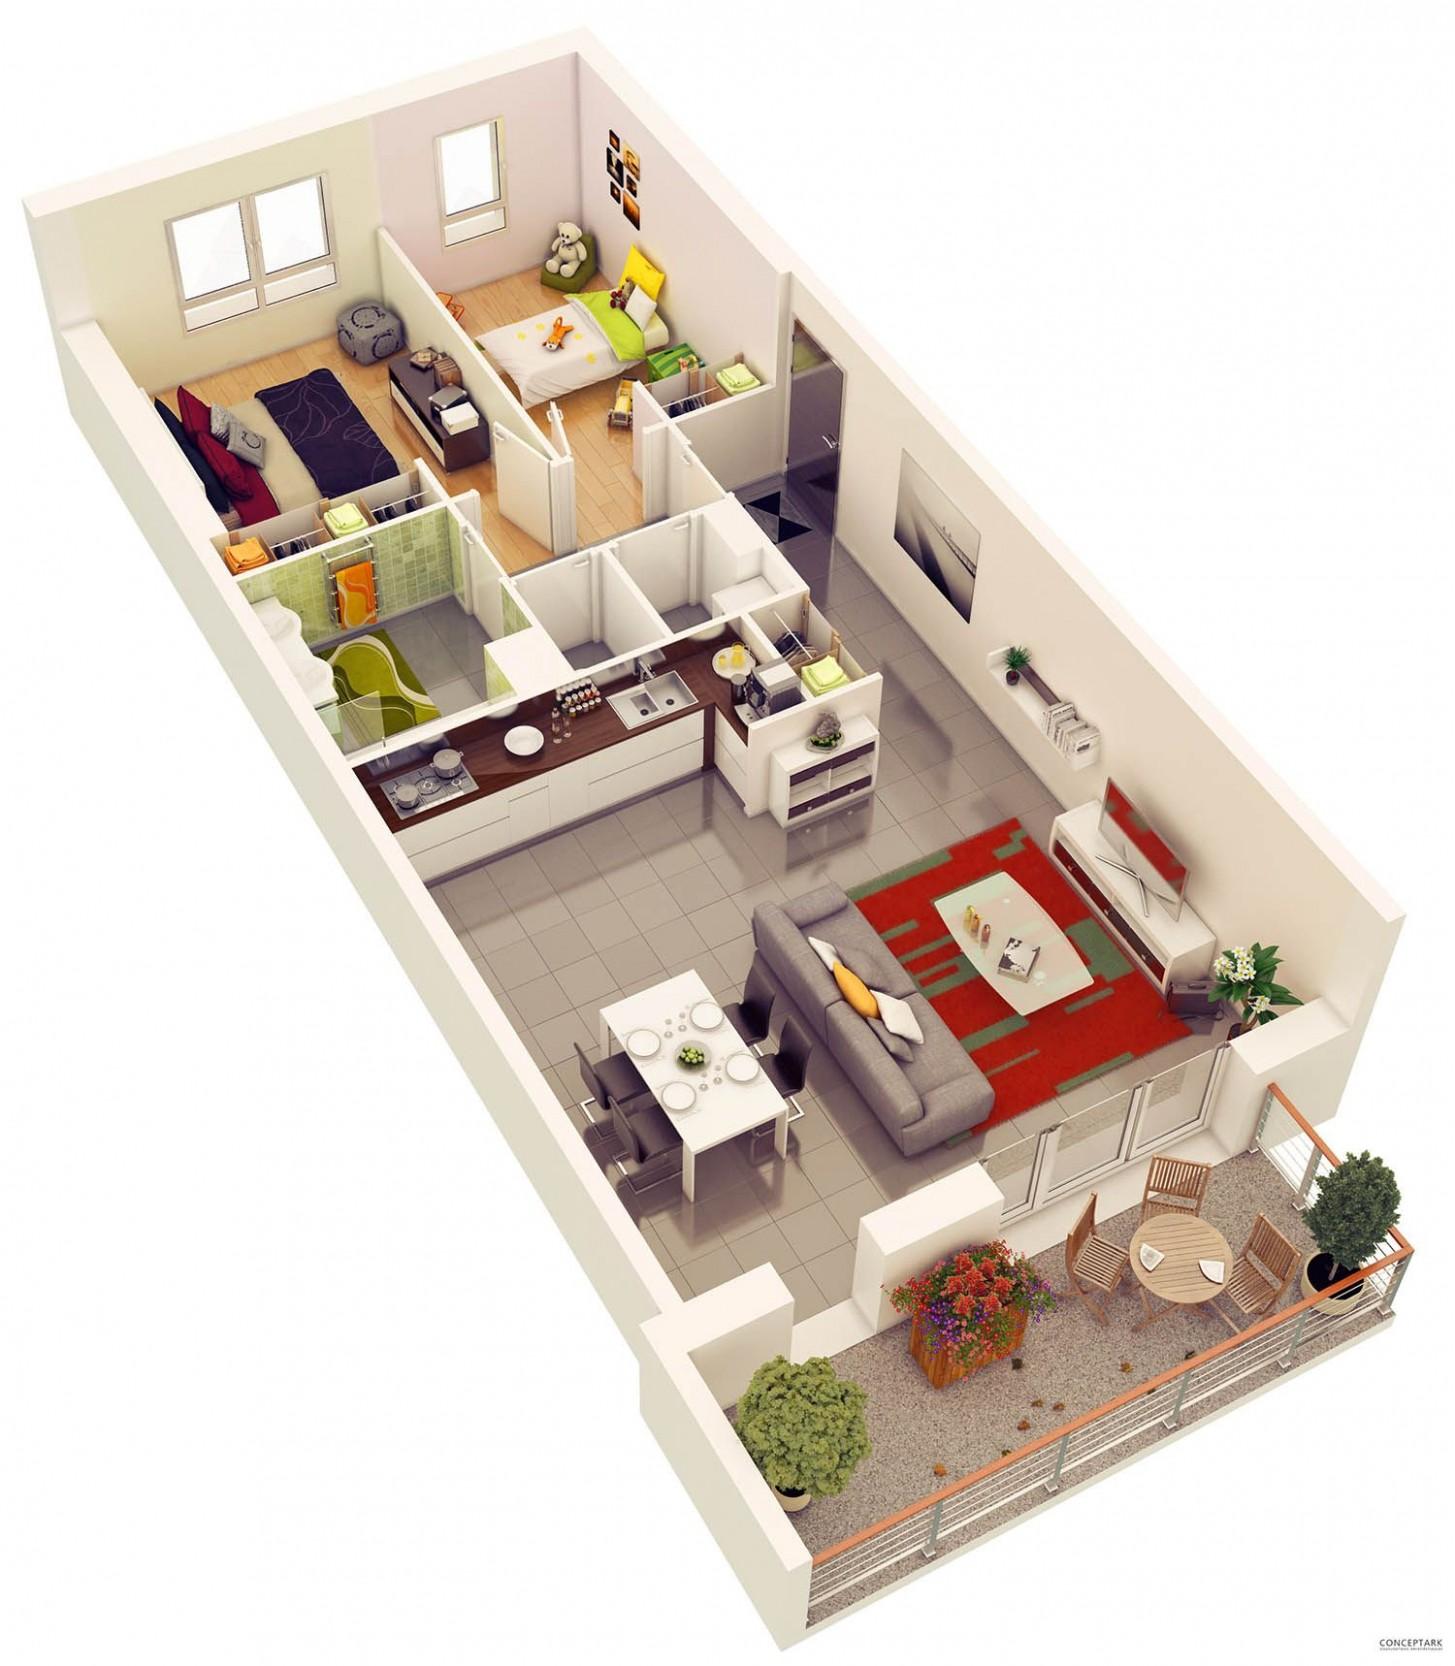 Portfolio  Small apartment plans, Small apartment floor plans, 9  - Apartment Design Online